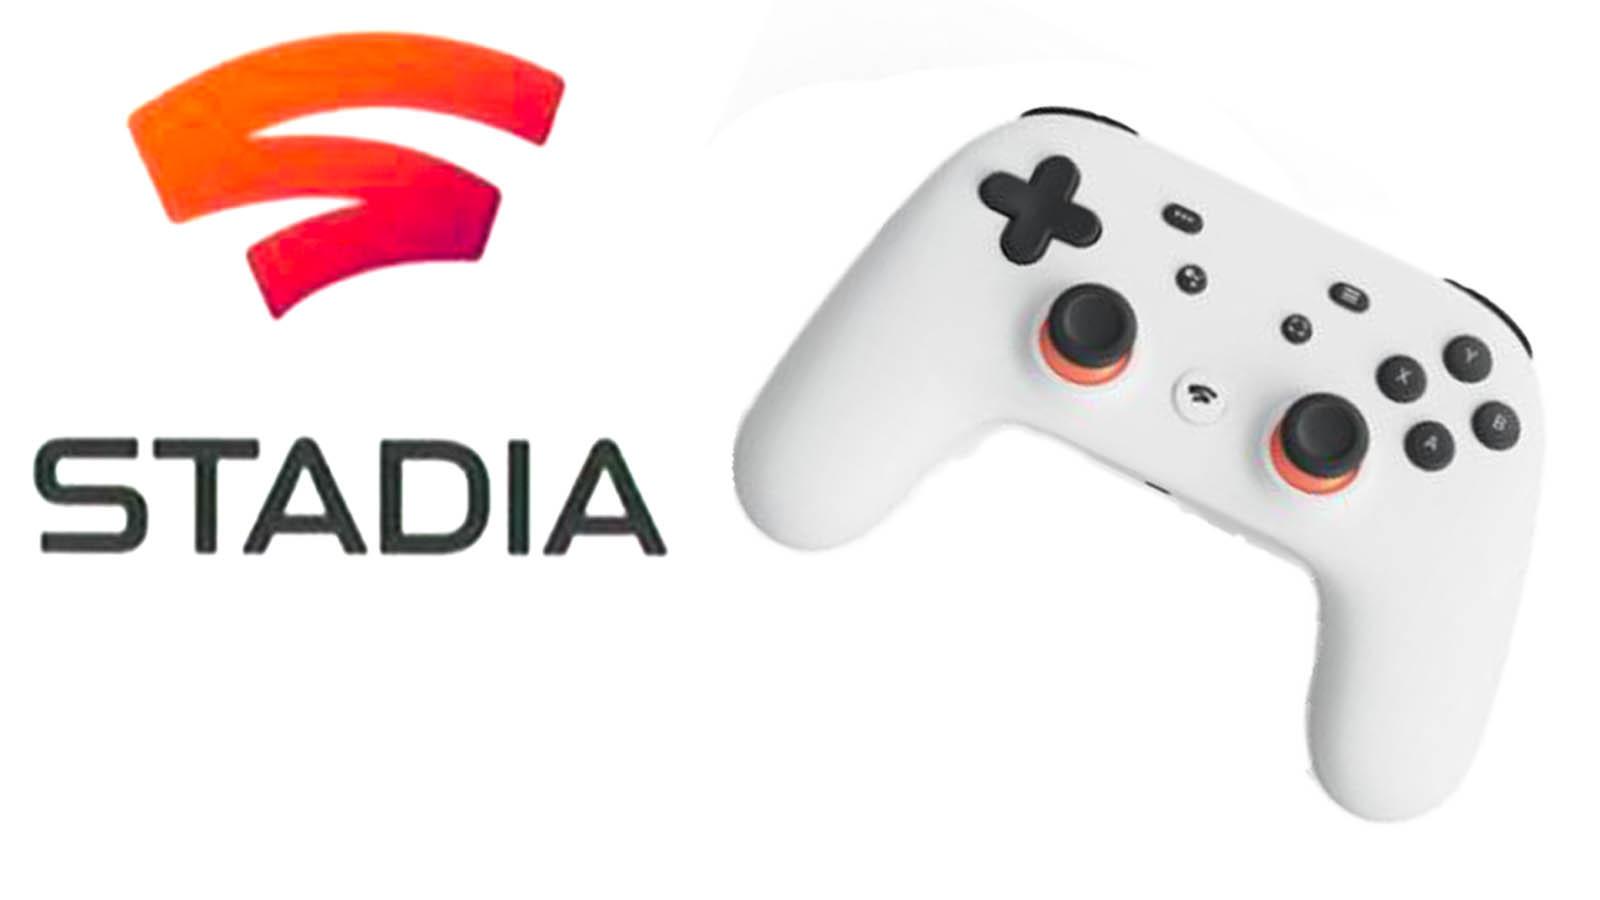 Con la piattaforma Stadia Google porta il gaming su cloud